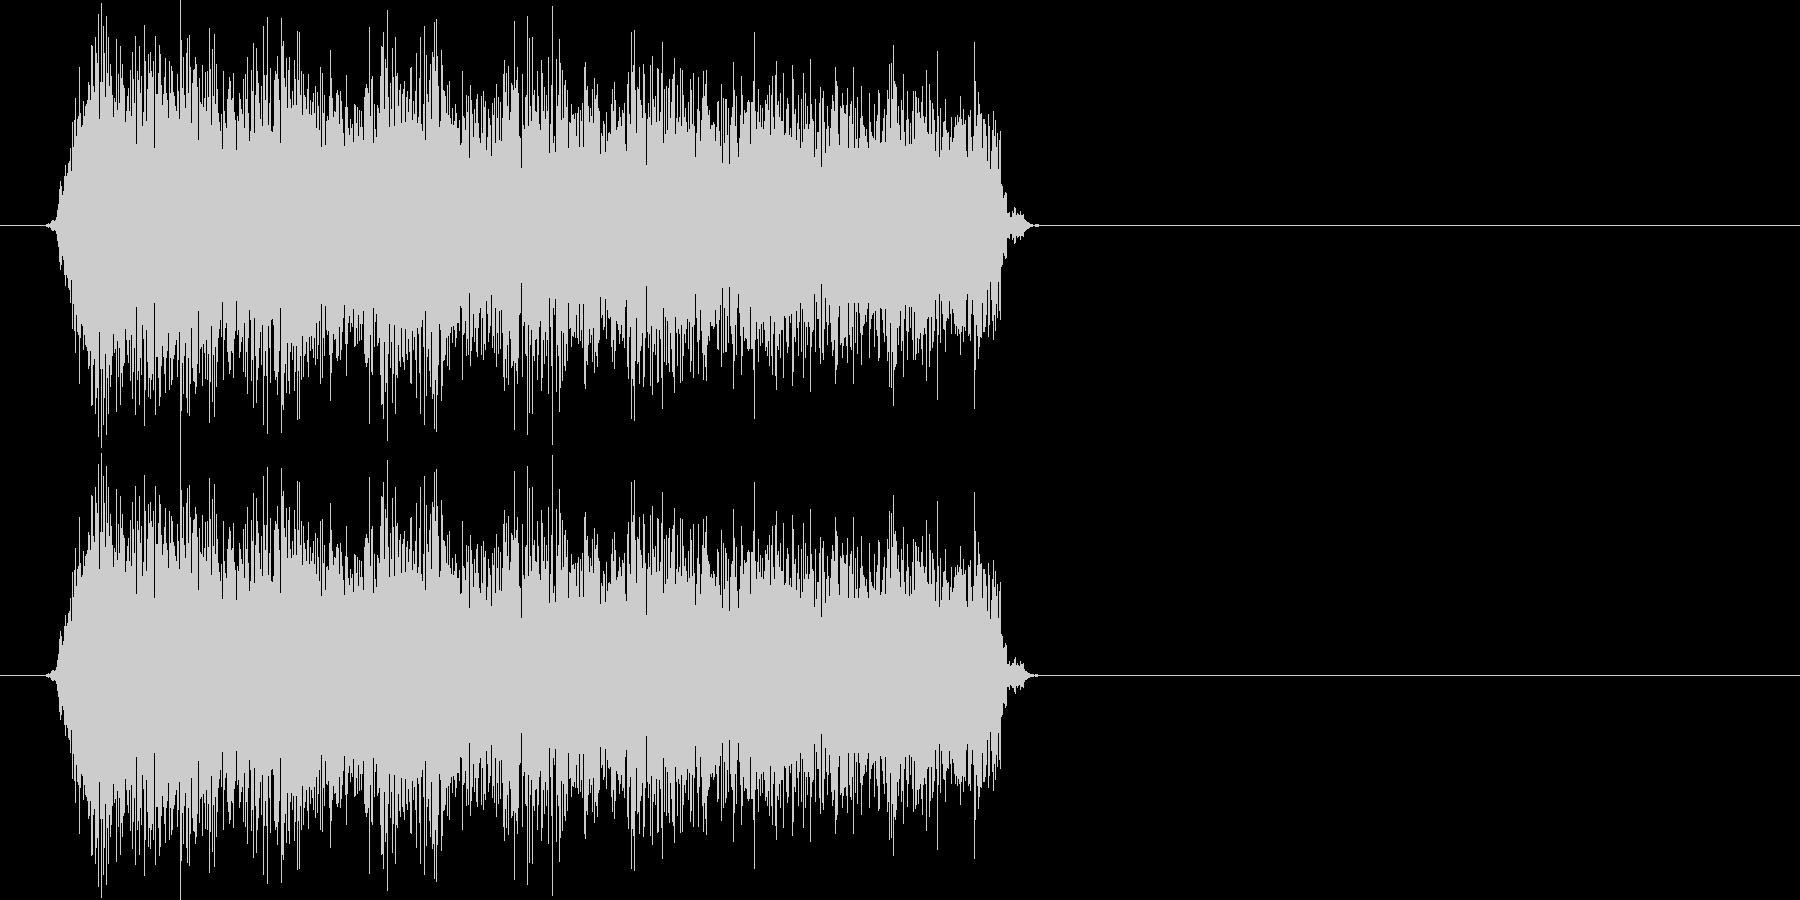 パパパパパッ(バルカン、連射ショット)の未再生の波形